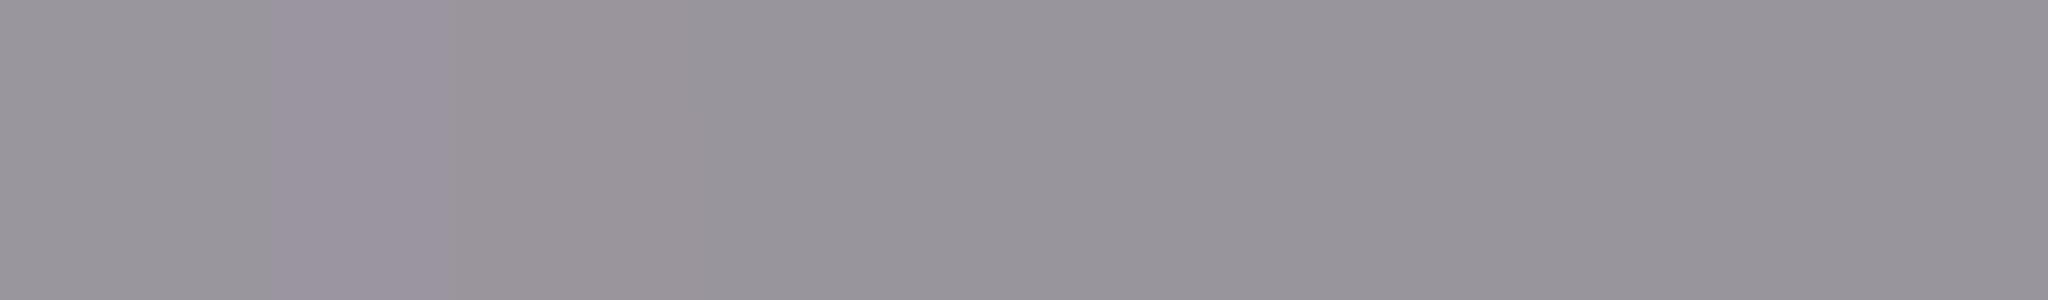 HU 171171 Кромка ABS Темно-Серый - Гладкая Глянцевая 90°